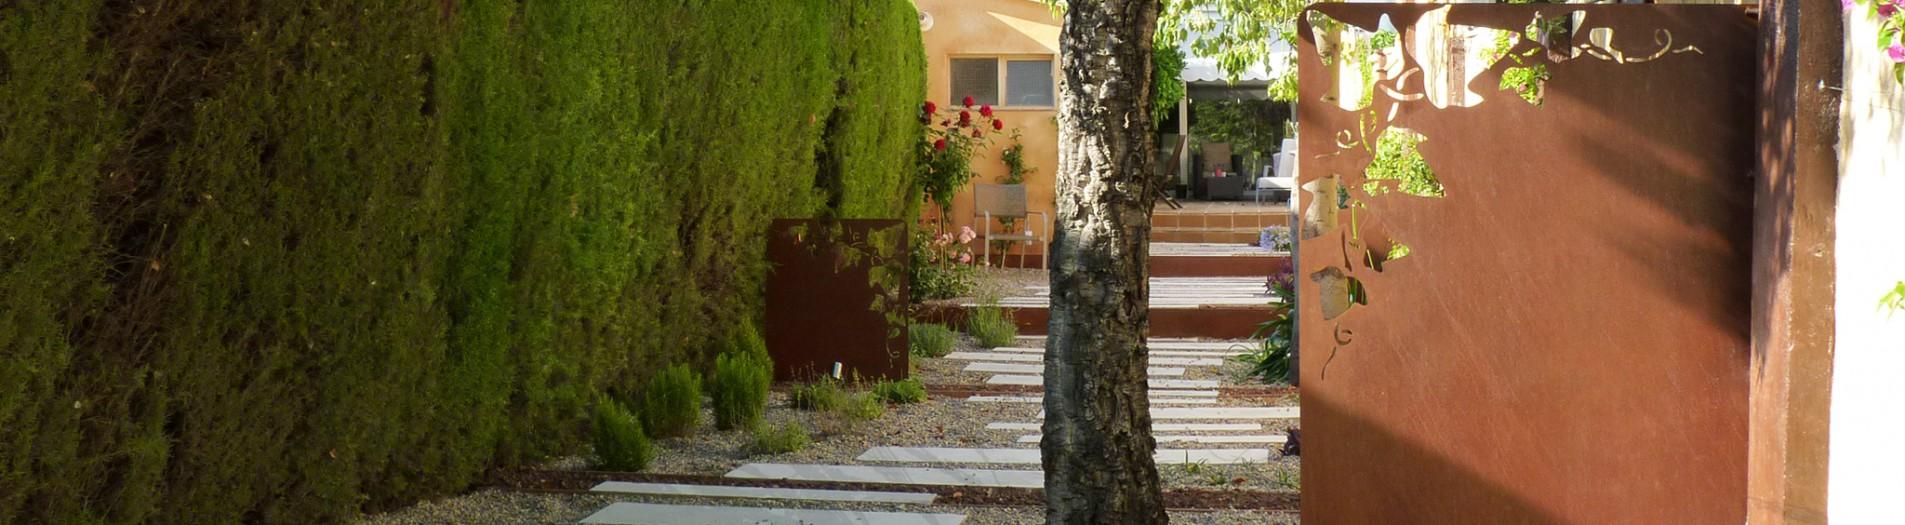 Garden in Olesa de Montserrat